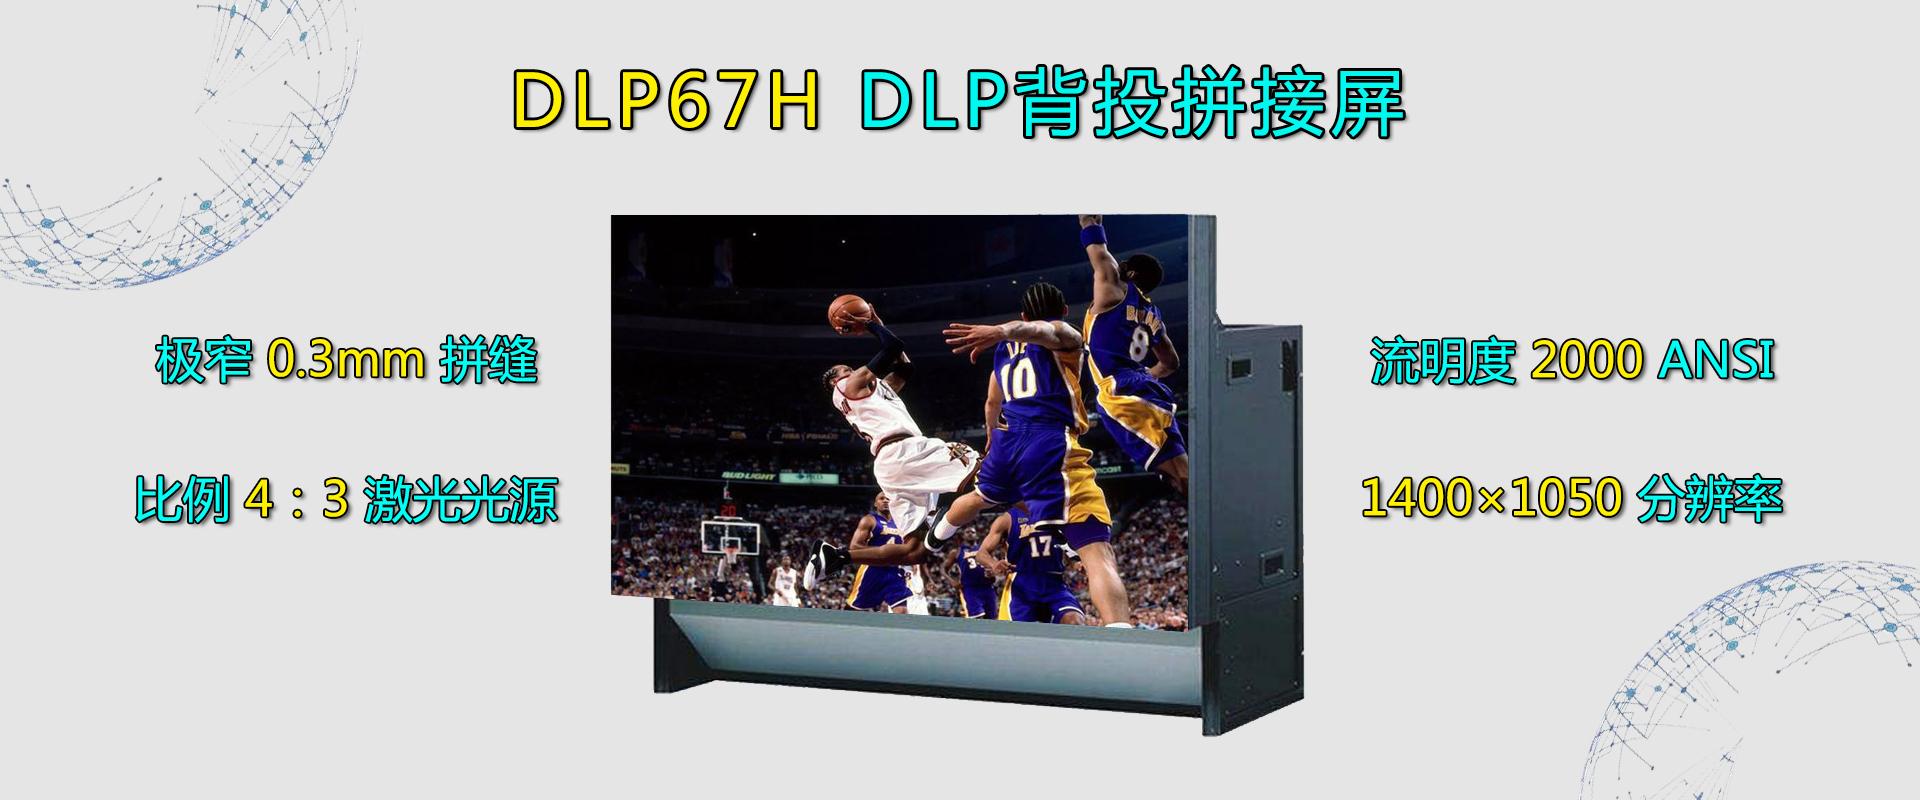 DLP67H